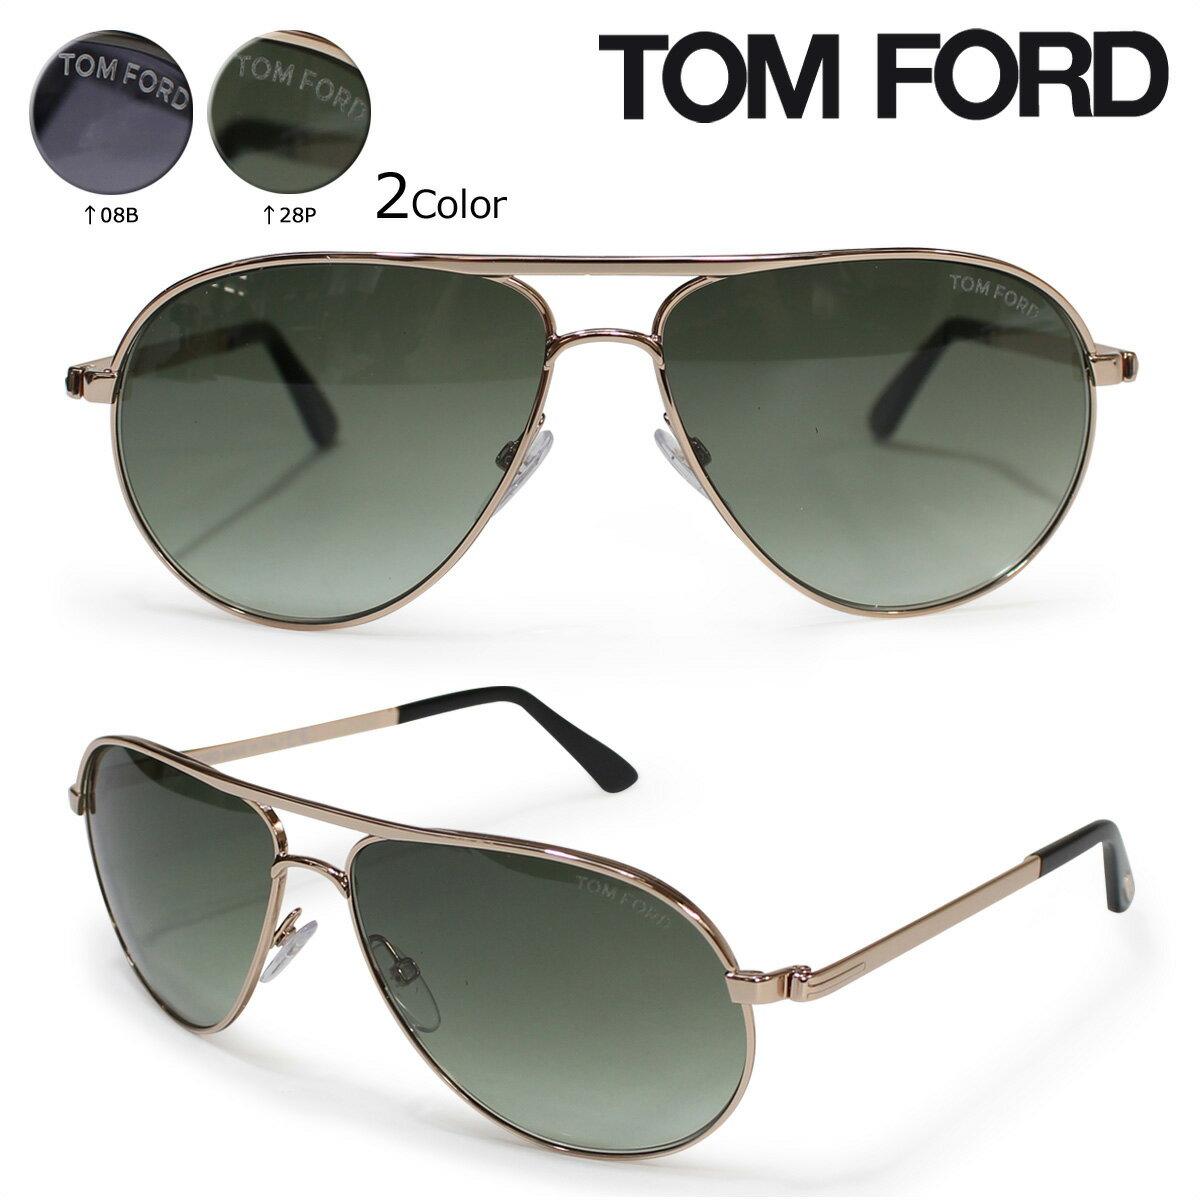 トムフォード TOM FORD サングラス メンズ レディース アイウェア METAL SUNGLASSES FT0144 イタリア製 【決算セール】